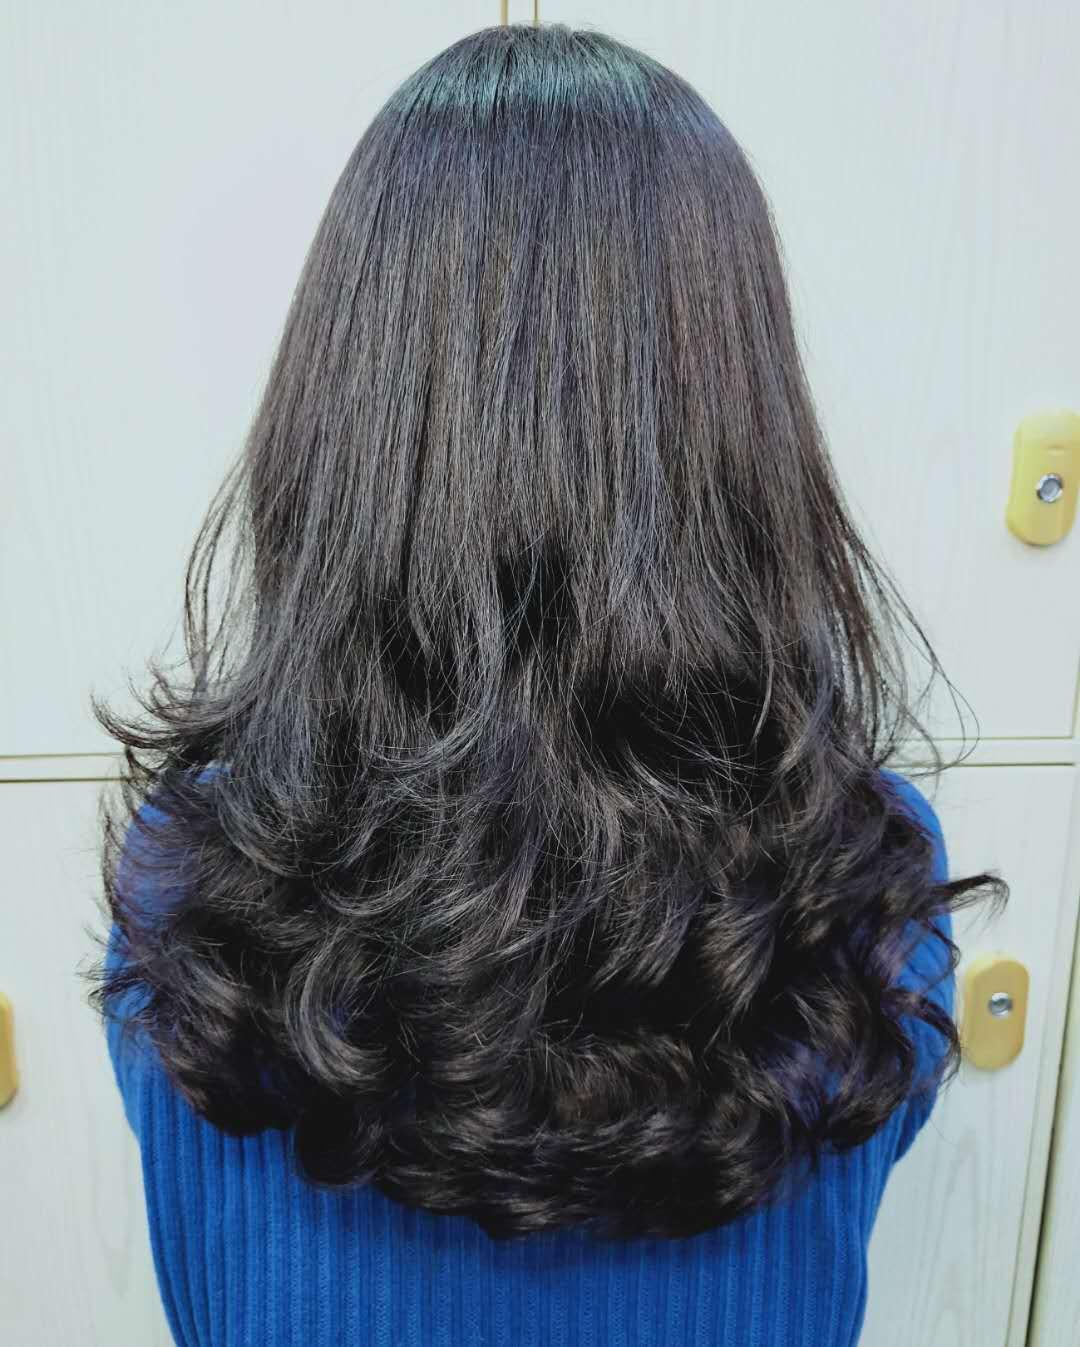 一些中长发好看的发型,烫完自然飘逸显气质,过年发型图片